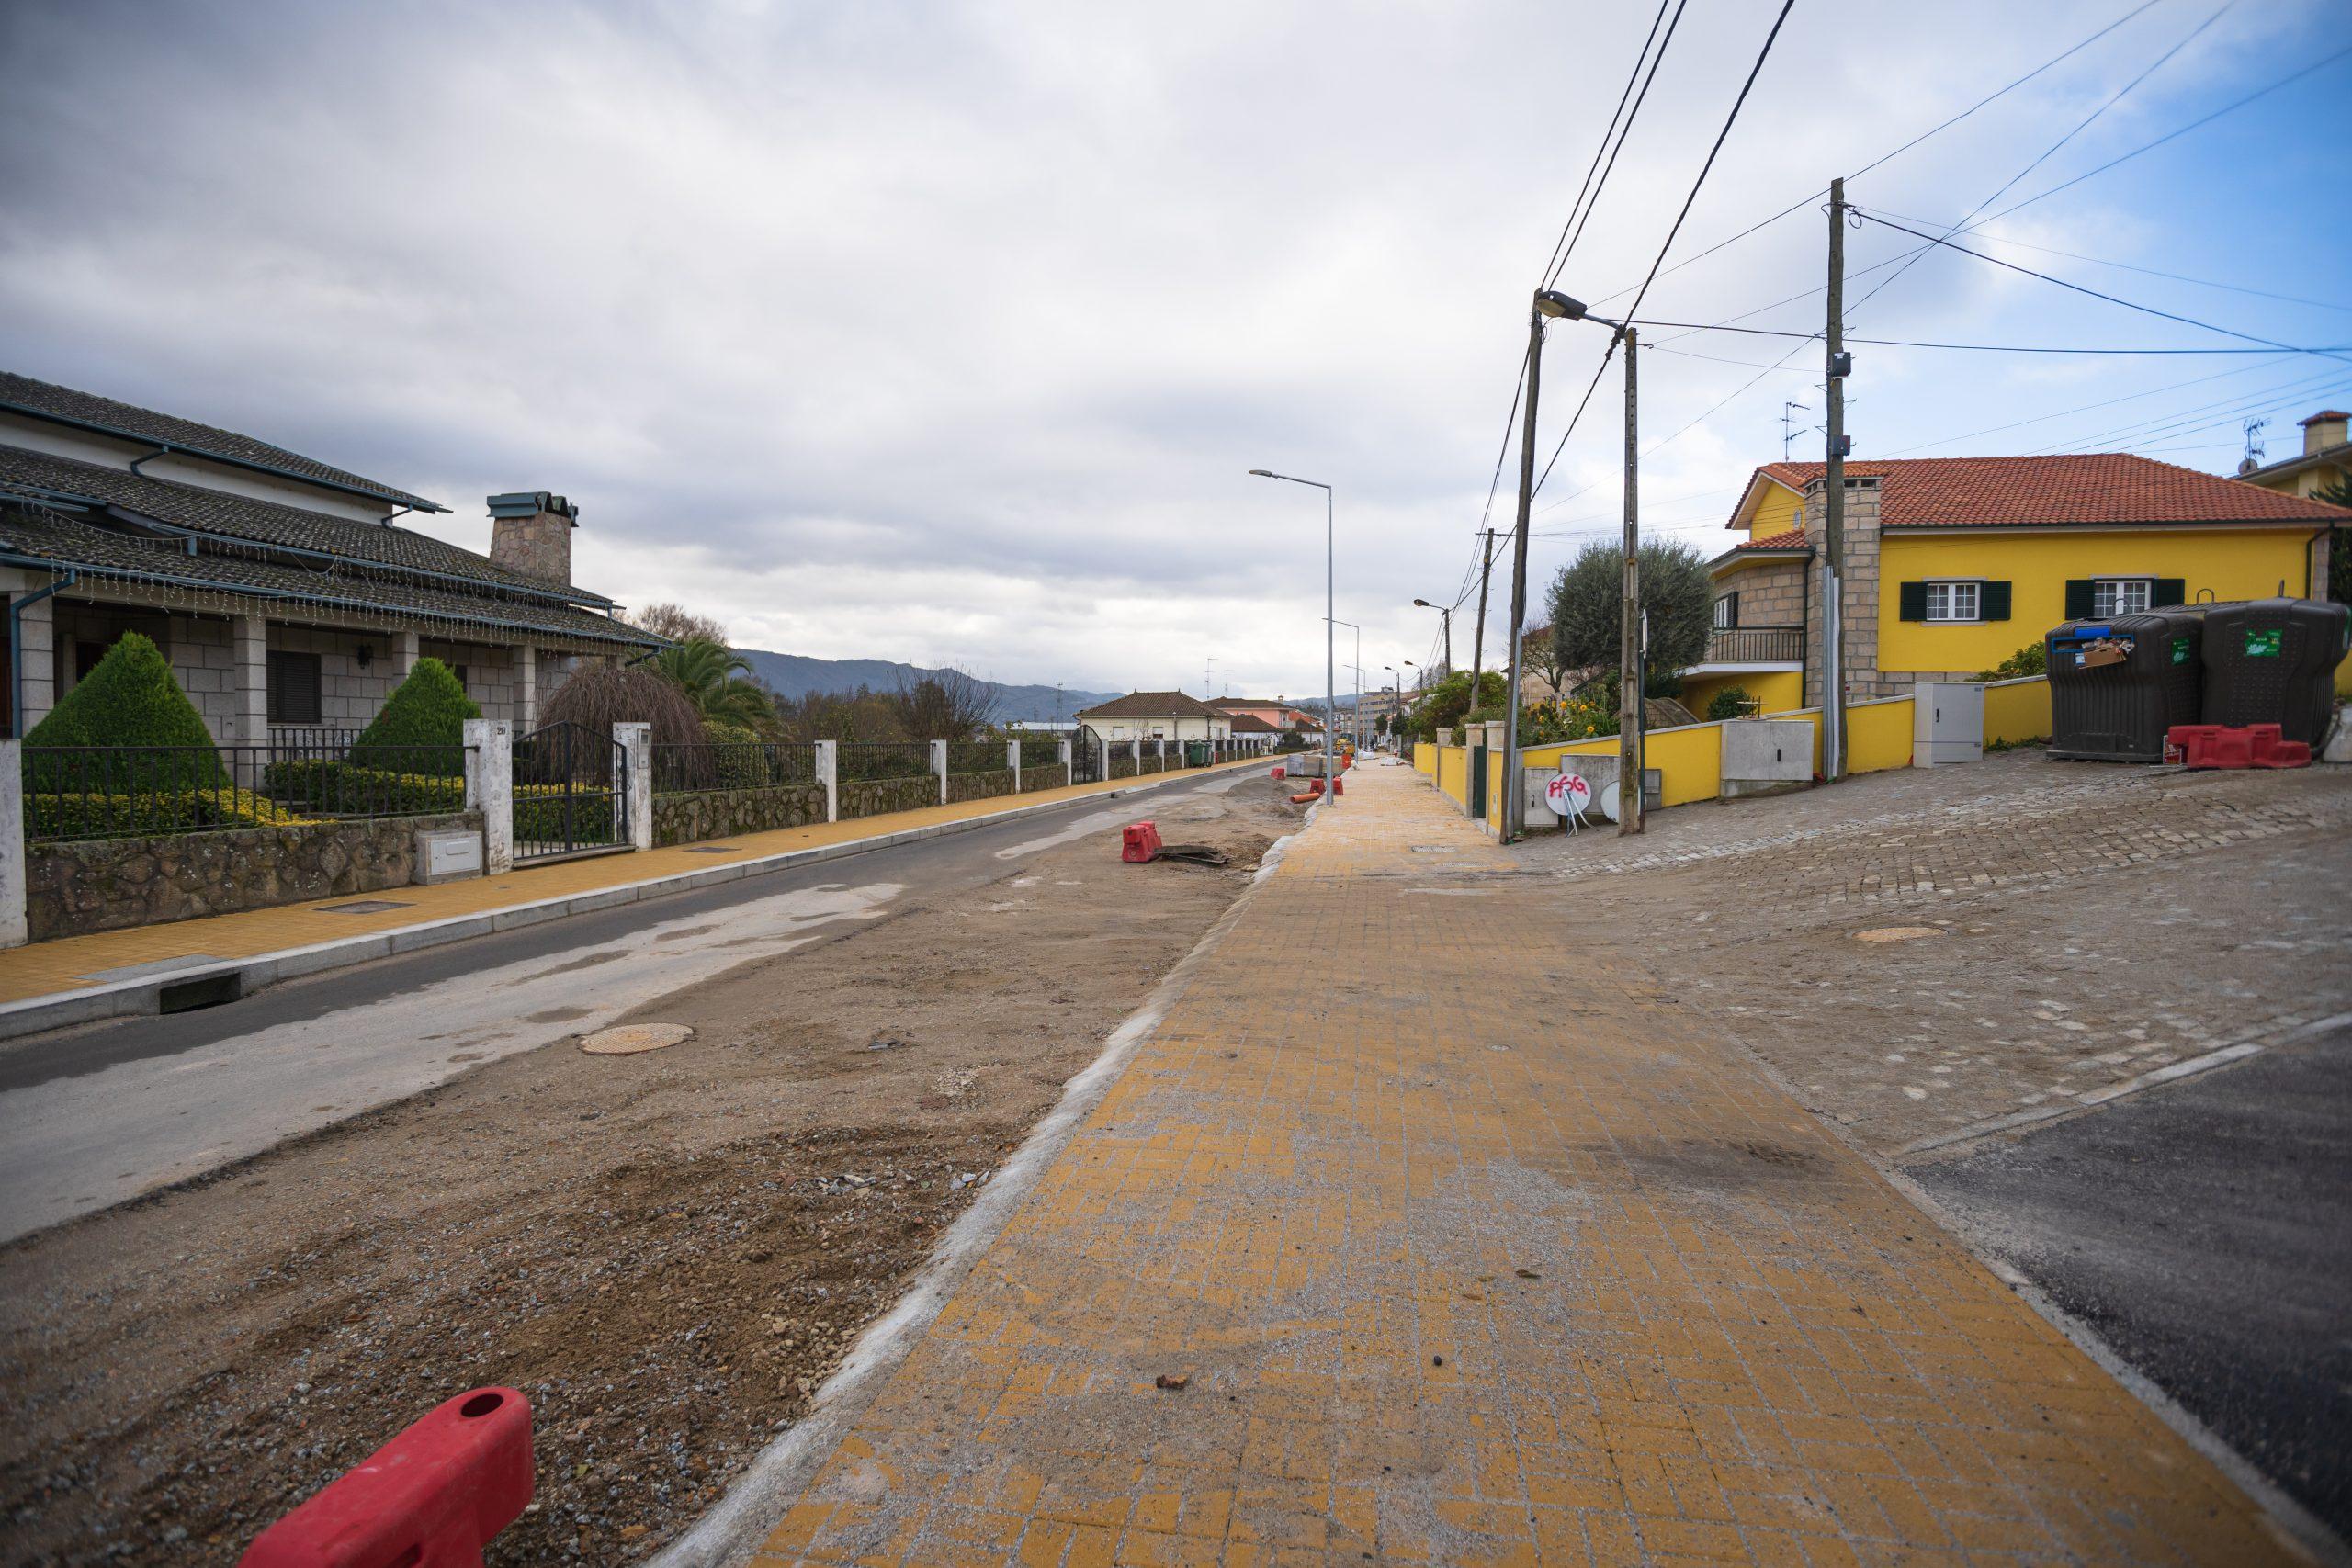 Requalificação de Corredores Urbanos existentes - da Av. Do Tâmega, Av. 5 de Outubro e Rua das Longras